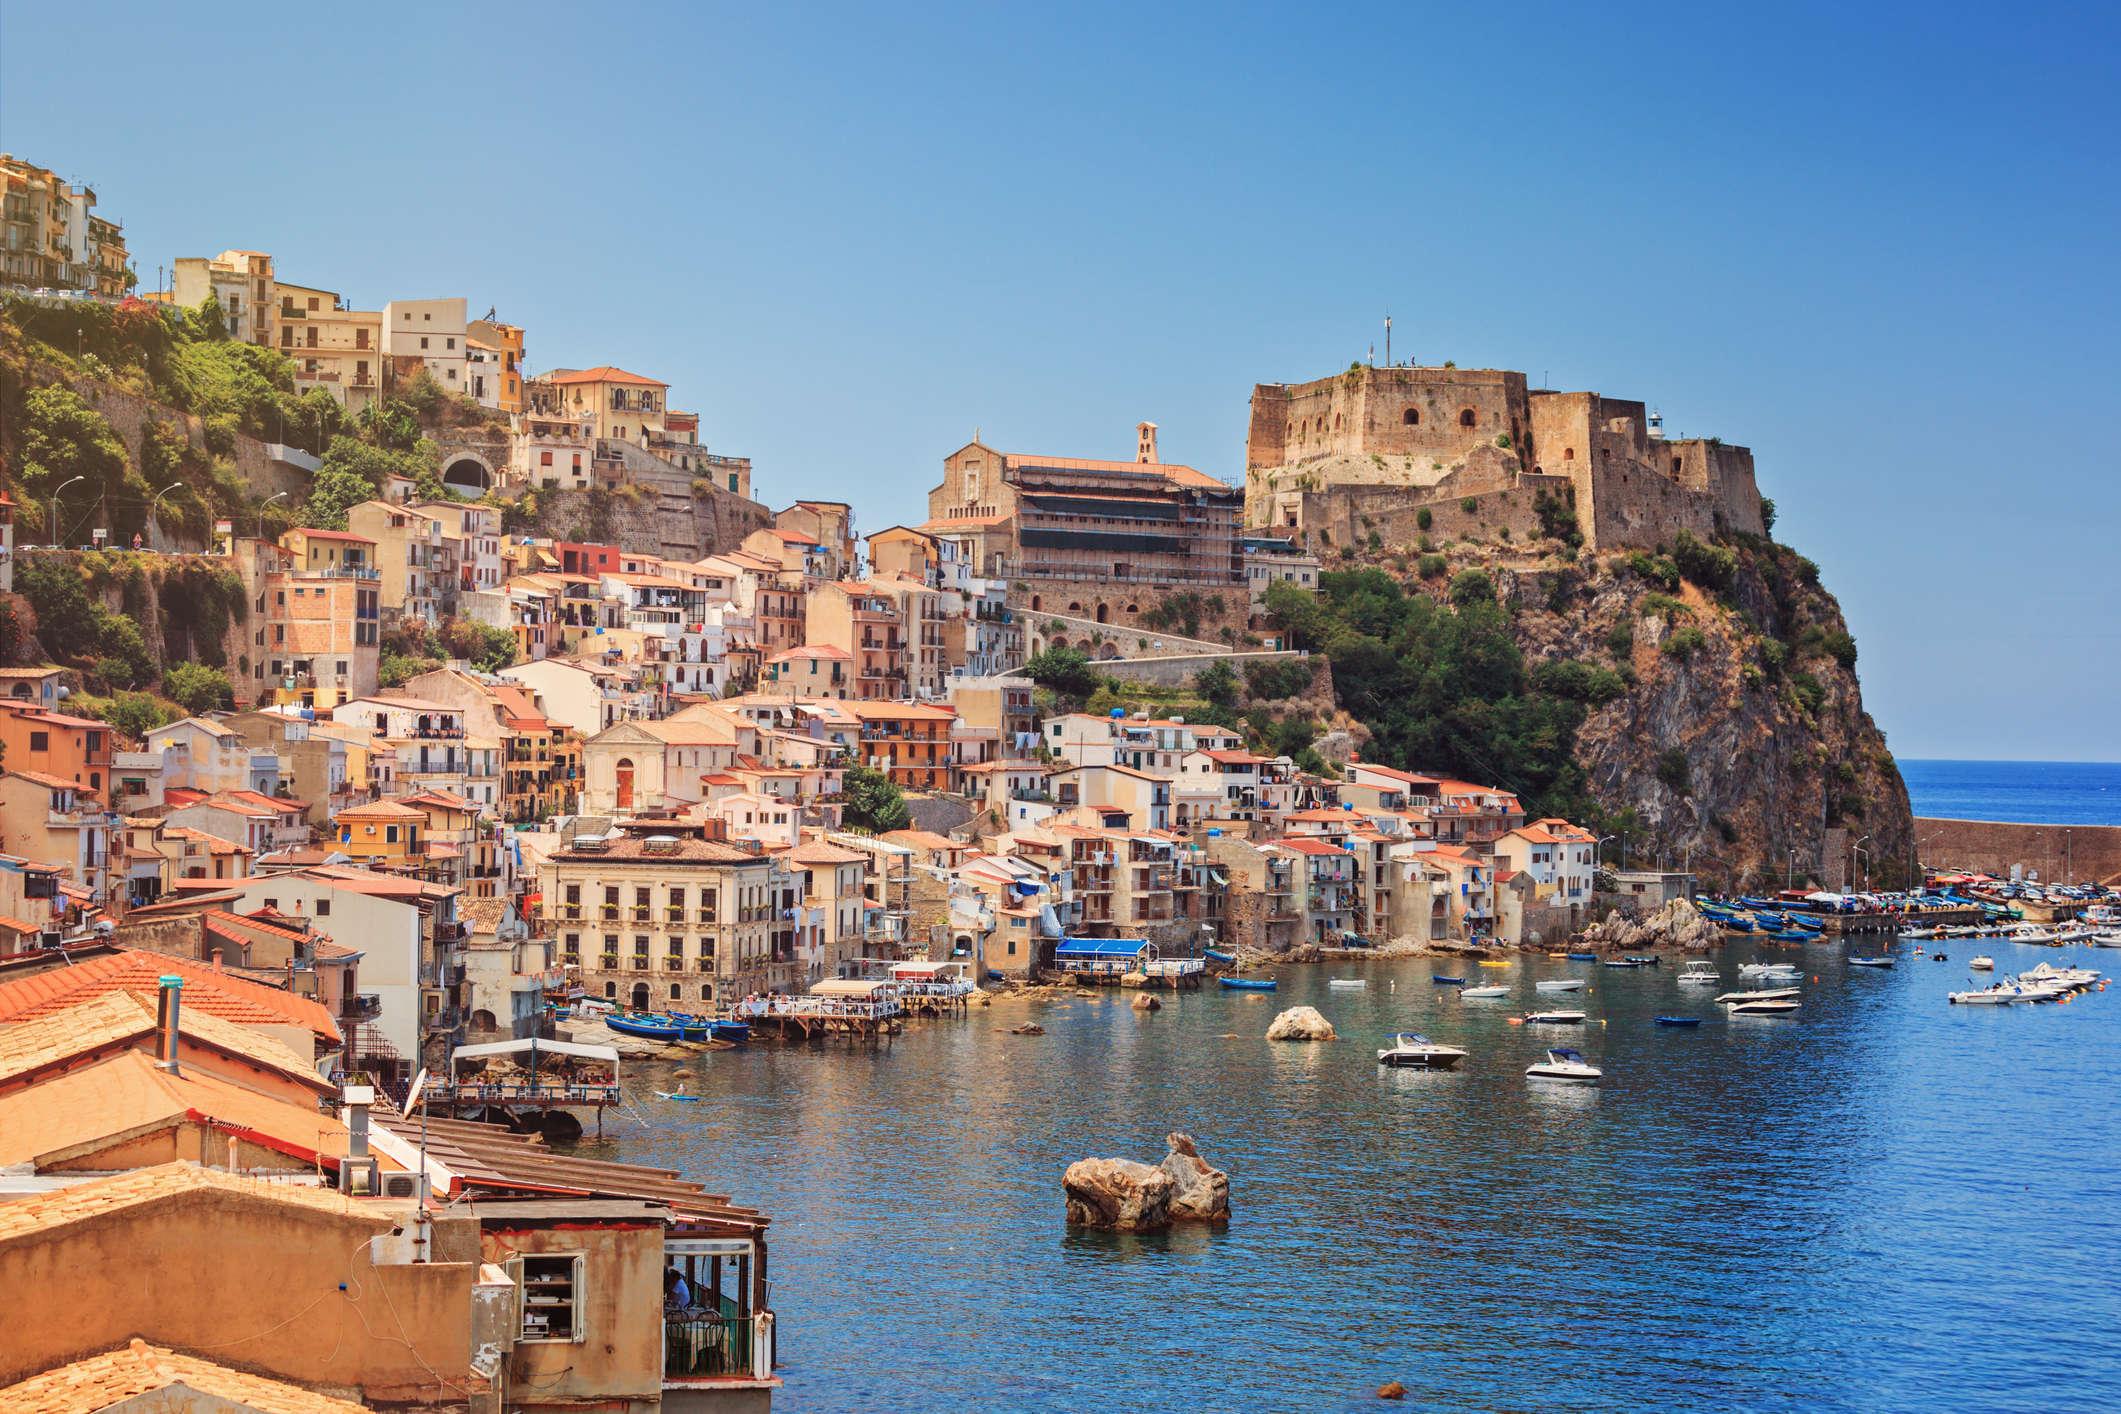 2° giorno: Reggio Calabria - Scilla